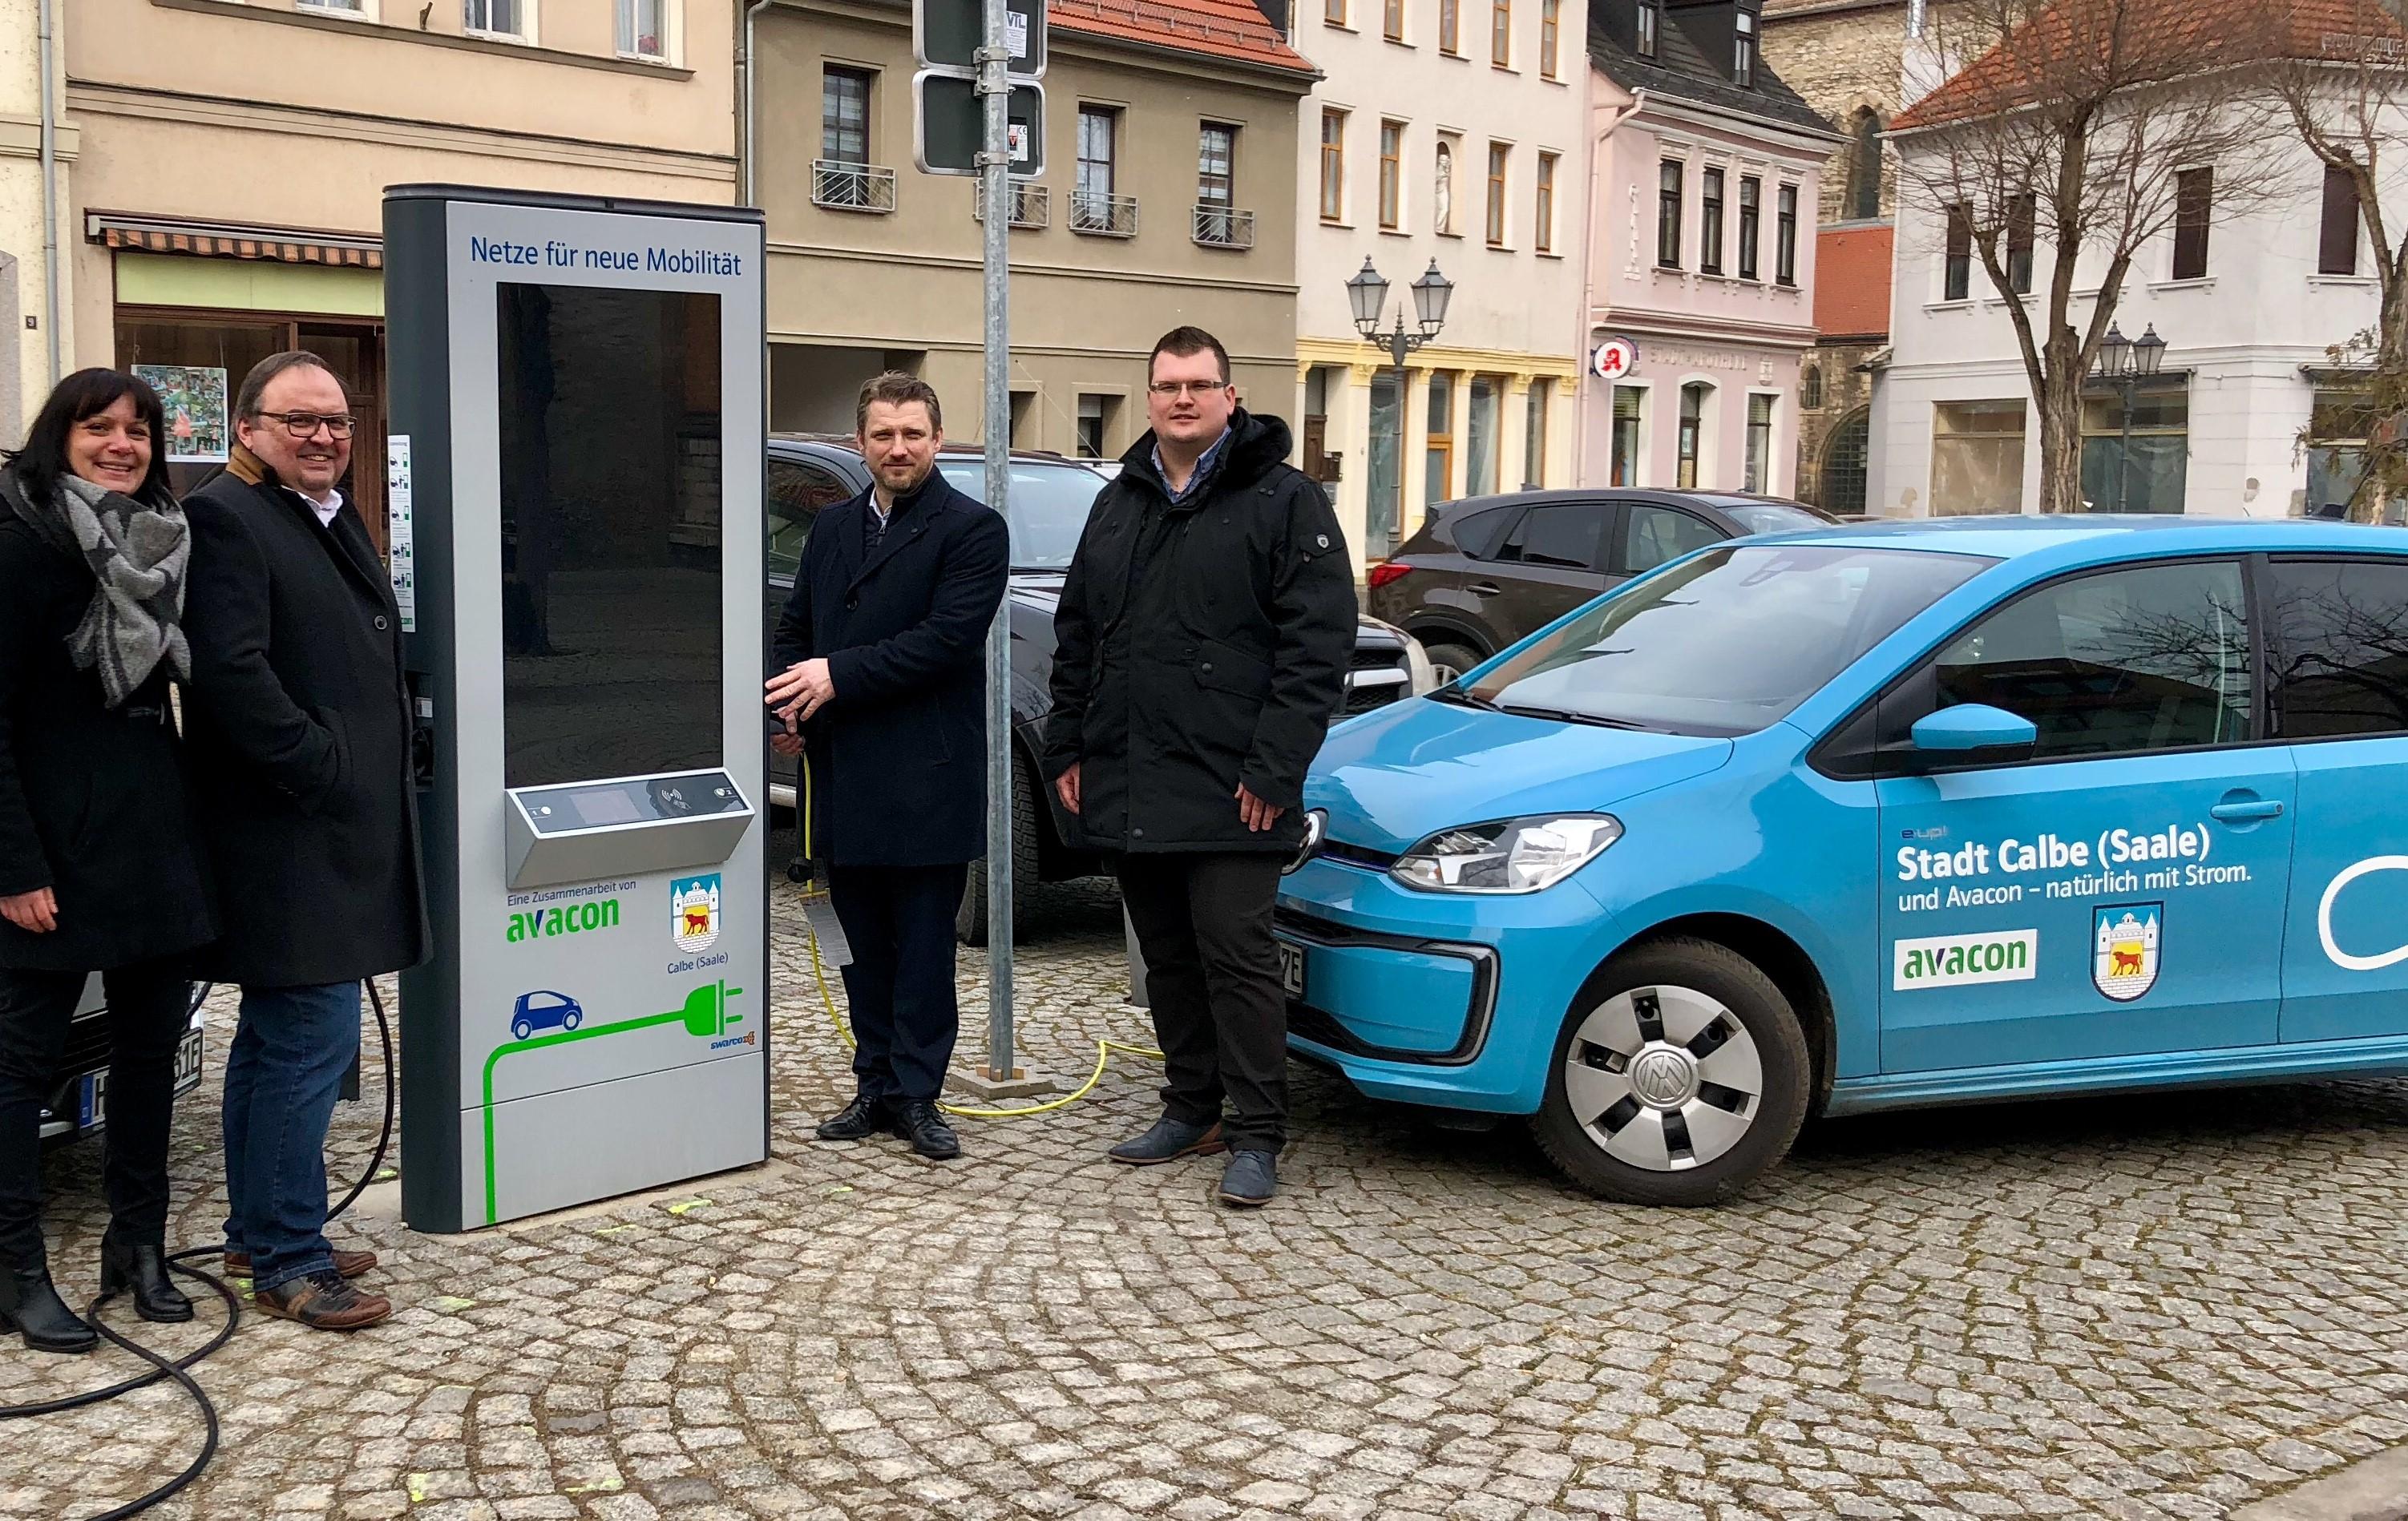 Calbes Bürgermeister Sven Hause (2.v.r.) sowie die Avacon-Vertreter Thomas Braumann (2.v.l.), David Ilgenstein und Anett Johanson während der offiziellen Inbetriebnahme der Innovationen E-Säule auf dem Marktplatz.